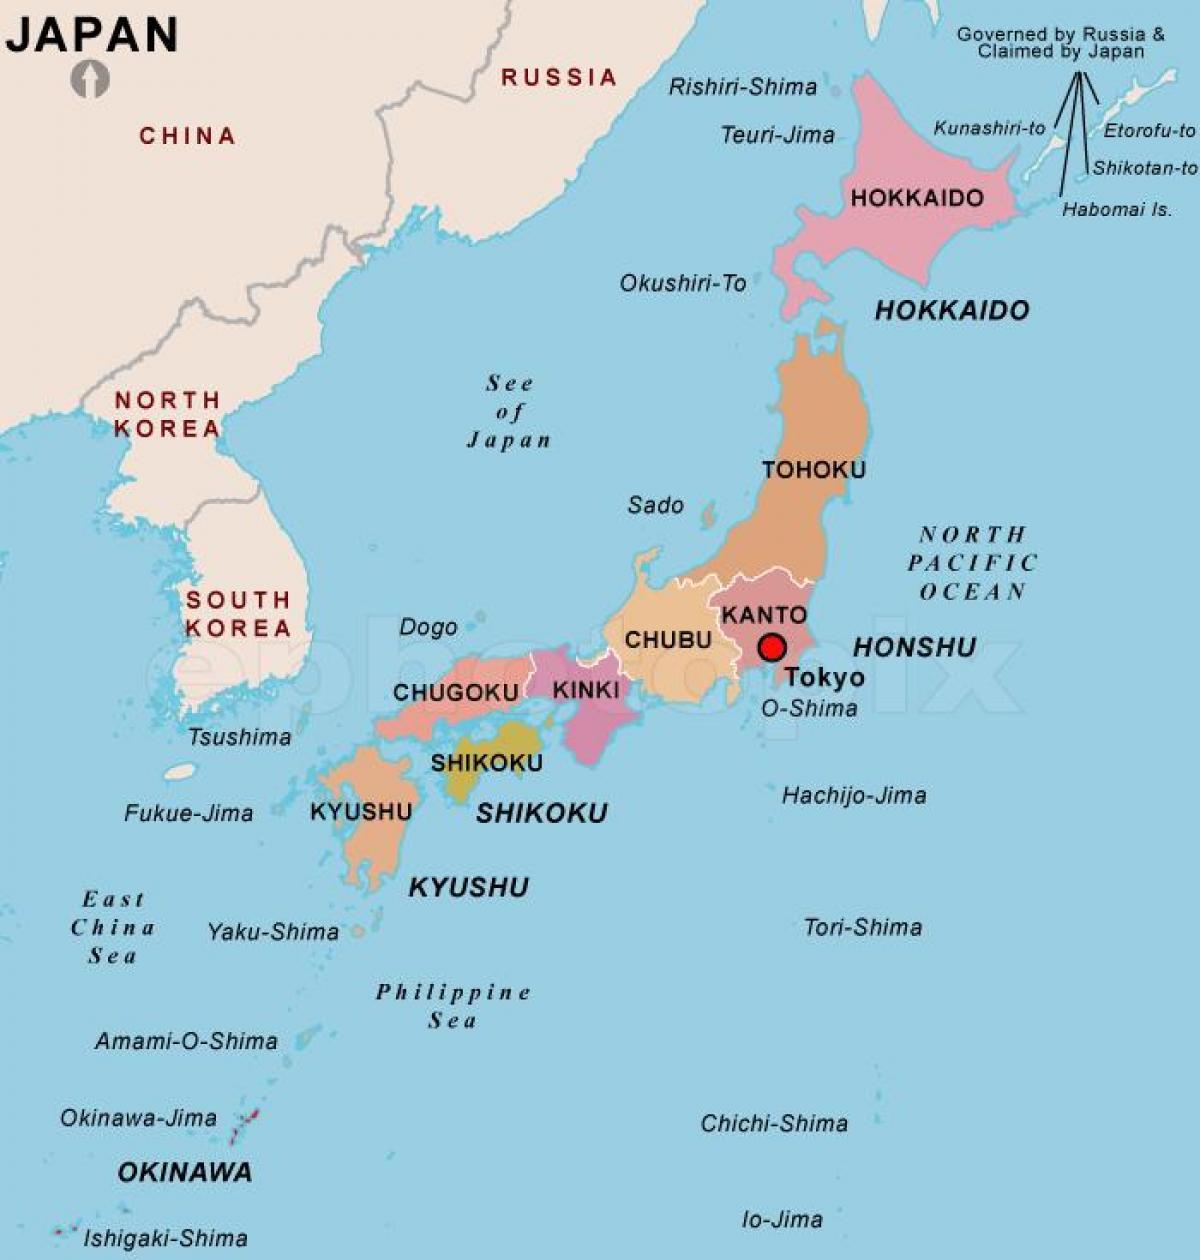 Il Giappone Cartina Politica.Mappa Politica Del Giappone Mappa Politica Del Giappone Asia Orientale Asia